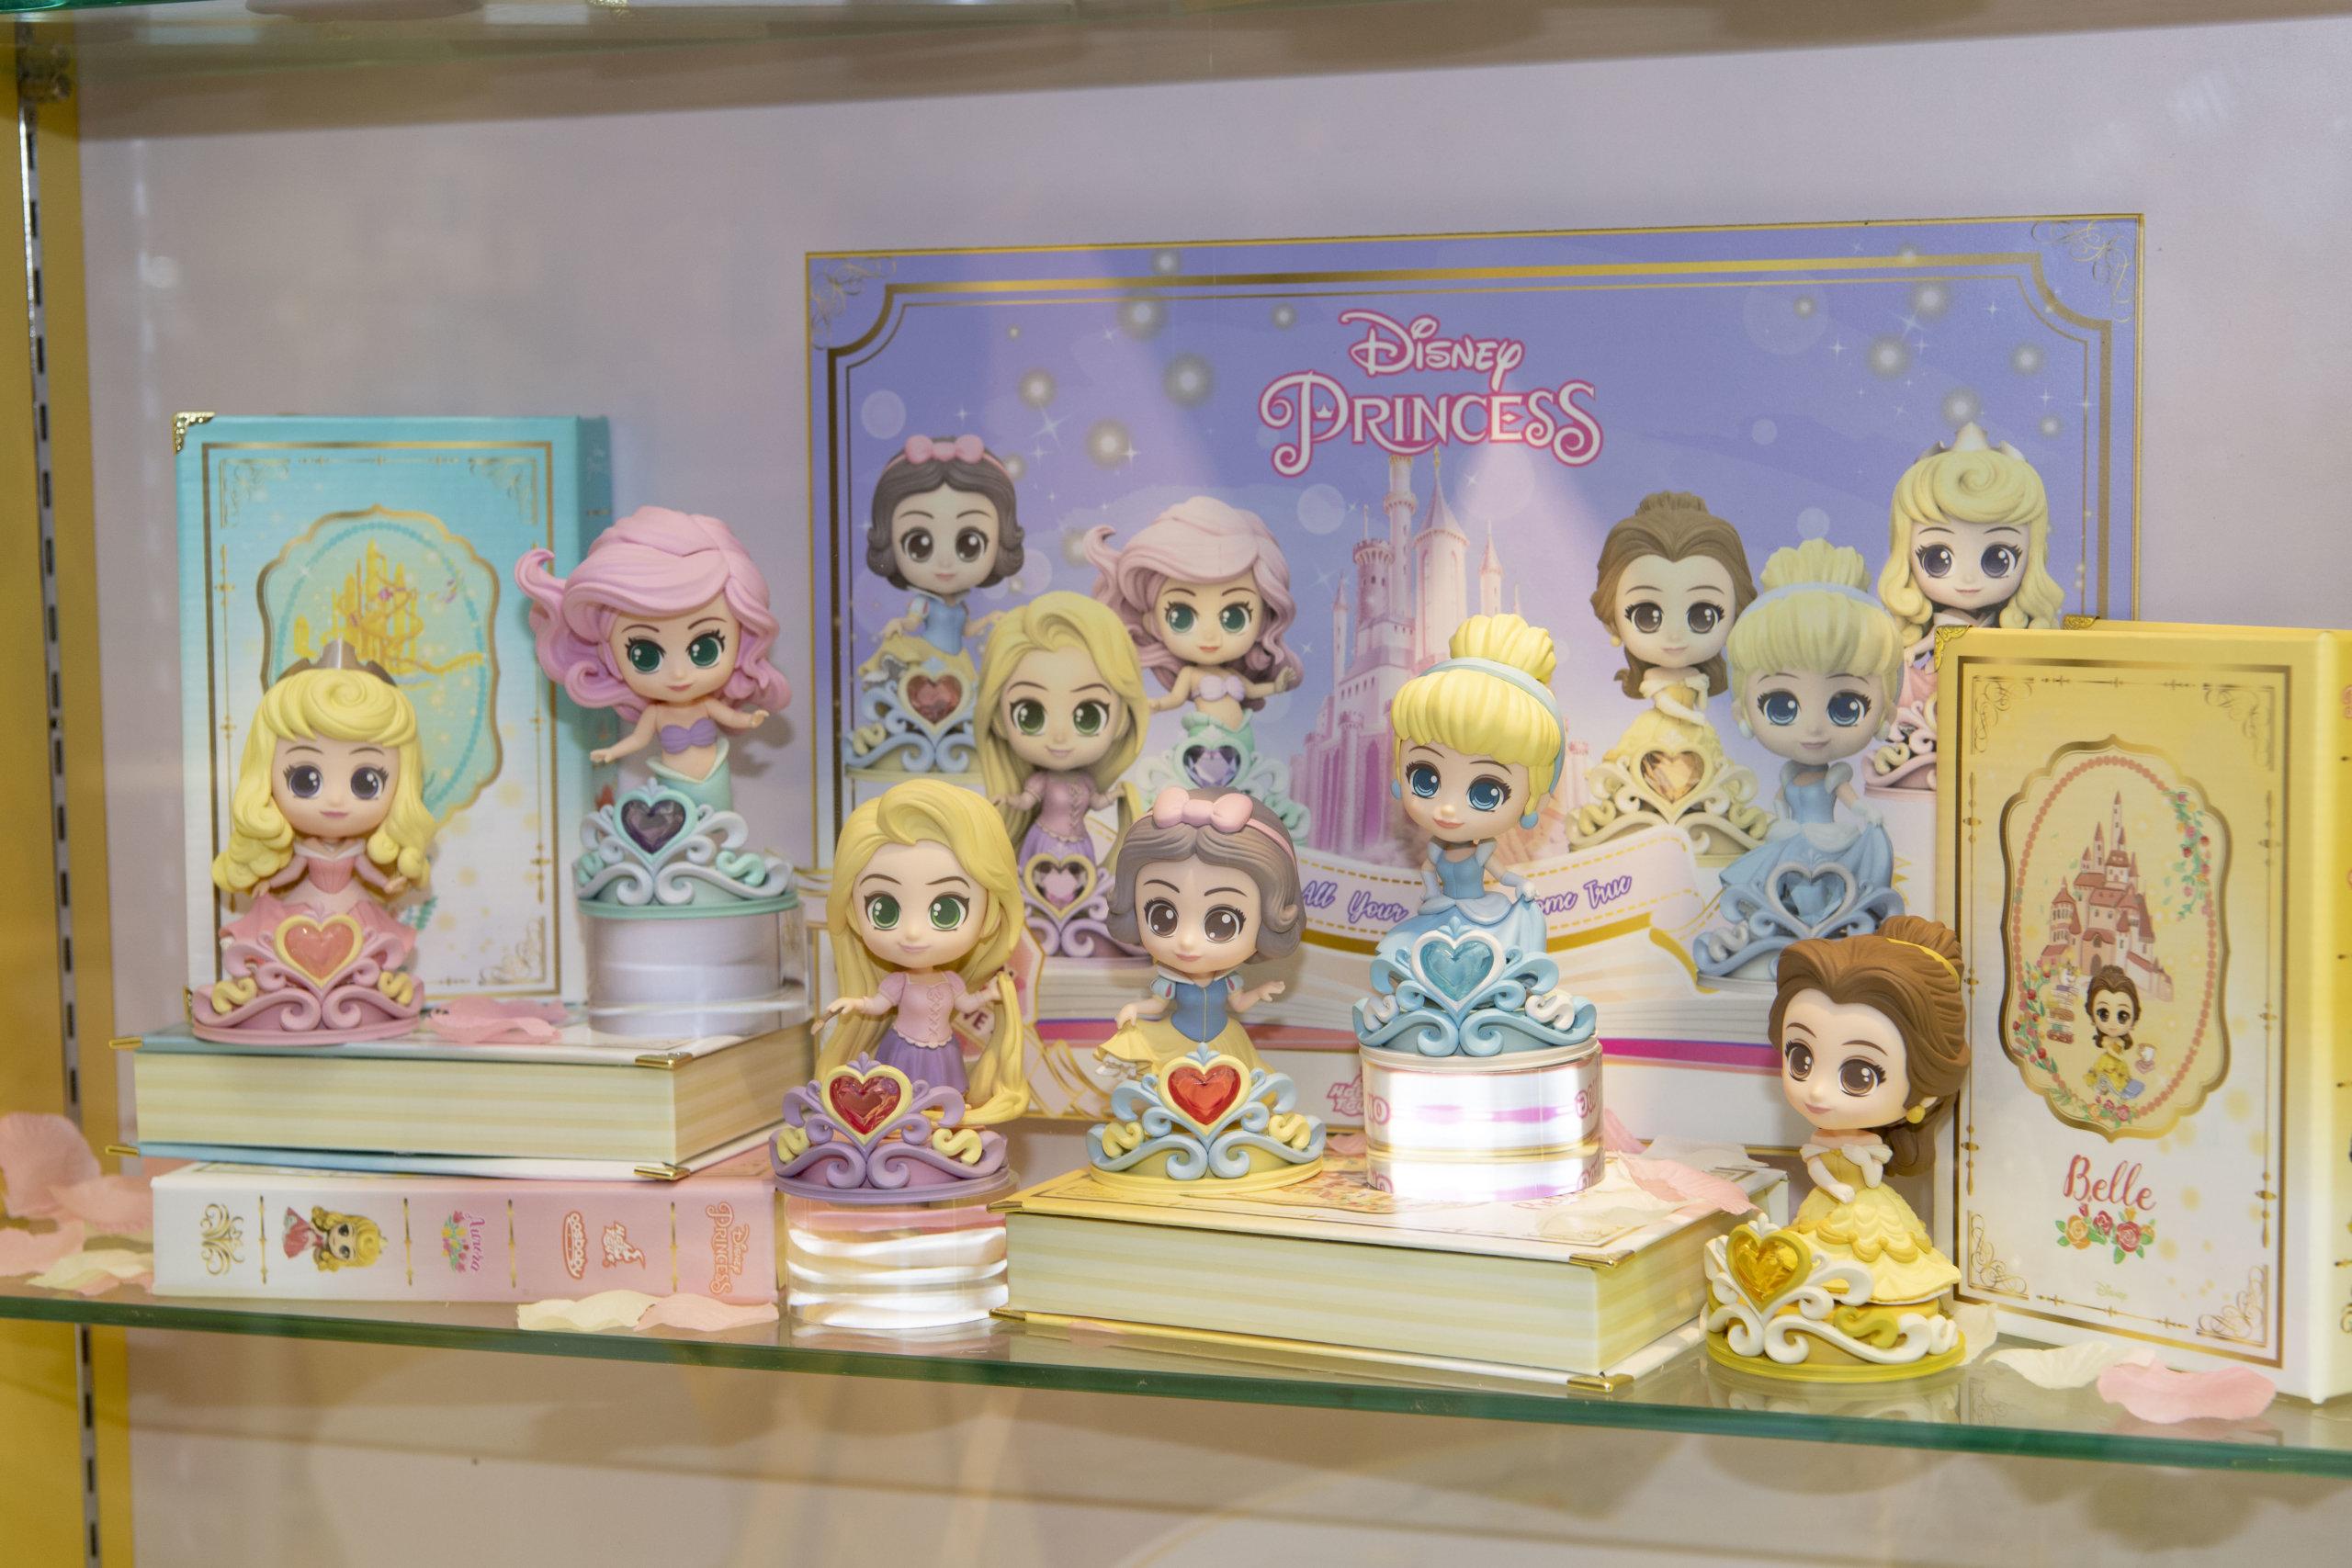 一系列獨家的迪士尼公主精品,大大滿足粉絲們的收集癮!